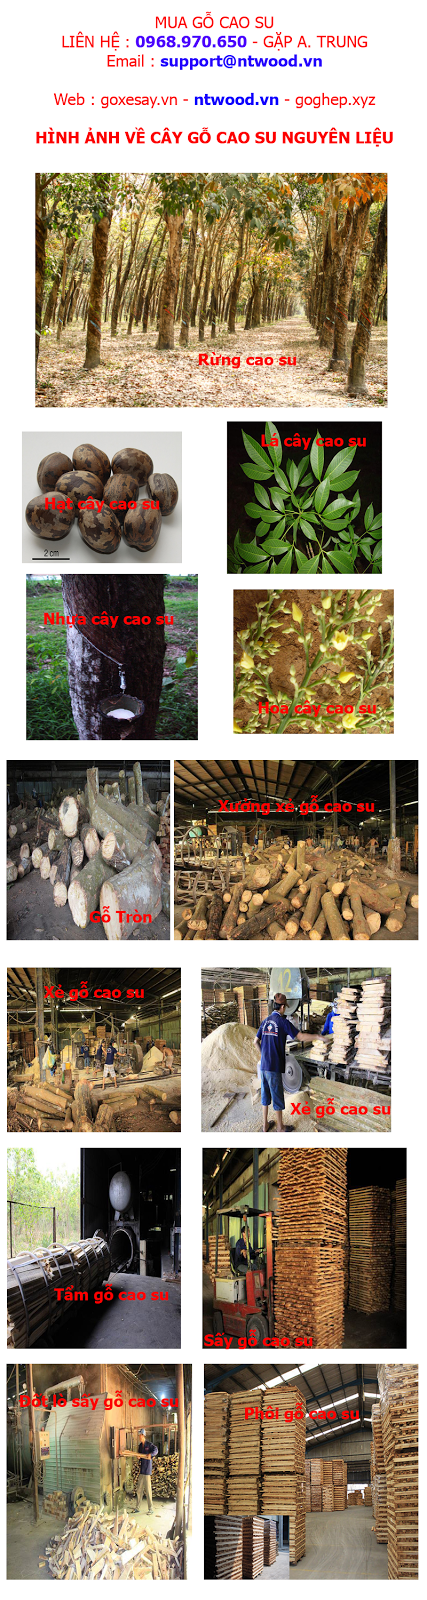 nguyên liệu gỗ cao su